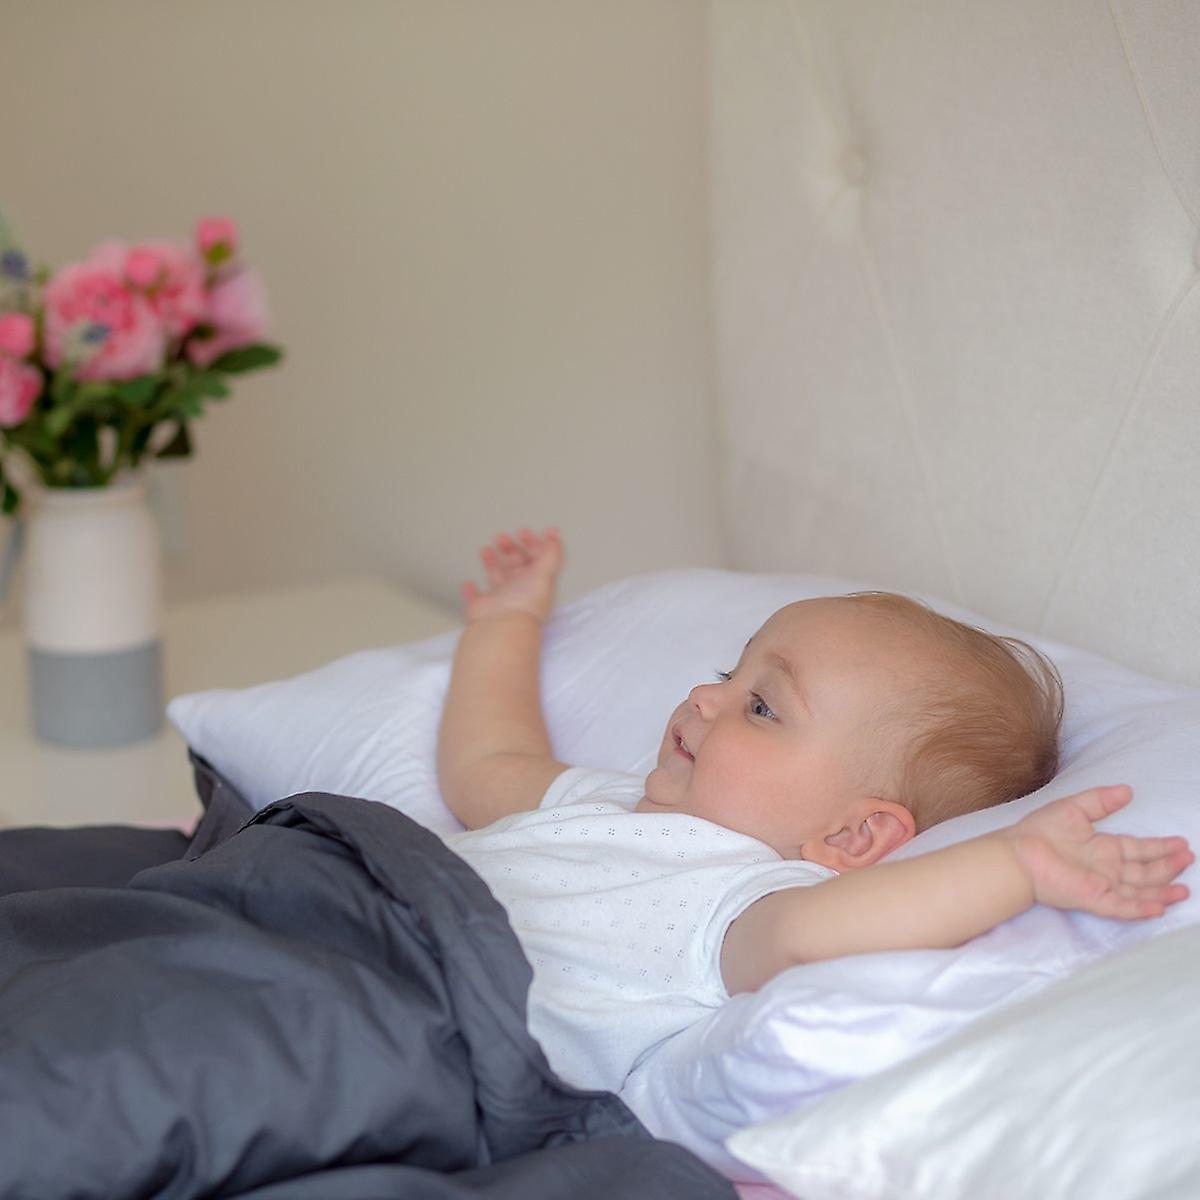 Beckasin Tyngdtäcke för Barn 2,6 kg Vit Bomullssatin – Fritt från polyester